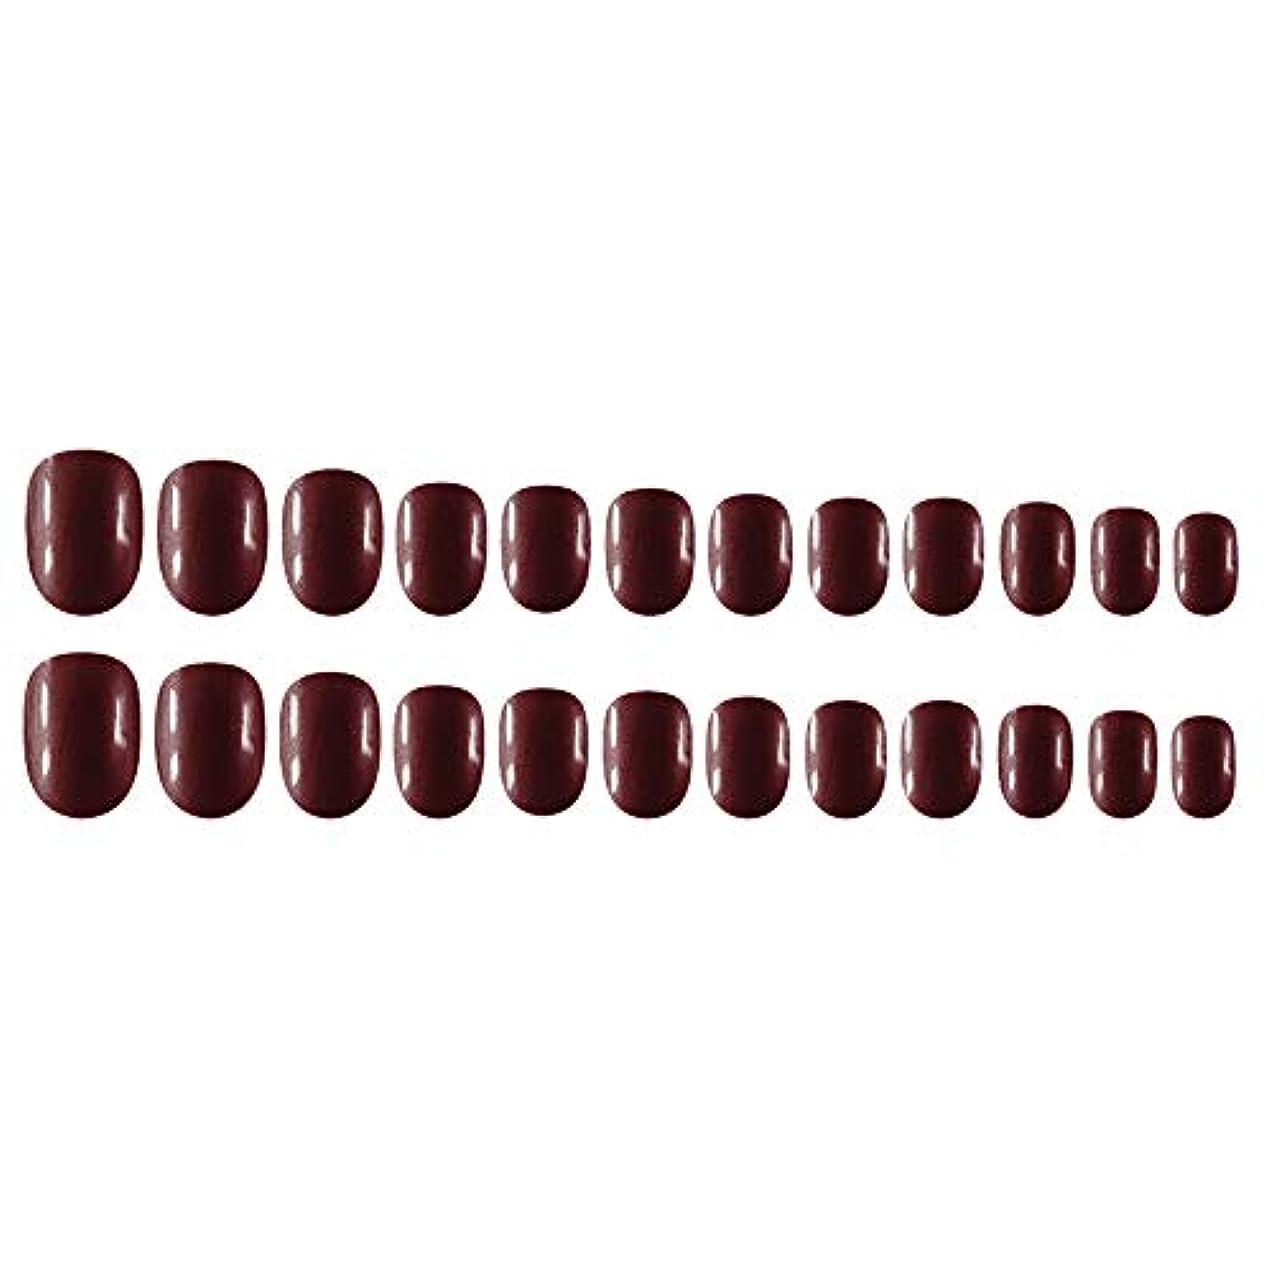 膨らみ普及トランスペアレントDecdeal Decdeal ネイルチップ 24ピース 12異なるサイズ diy サロン ネイルアートツール 偽